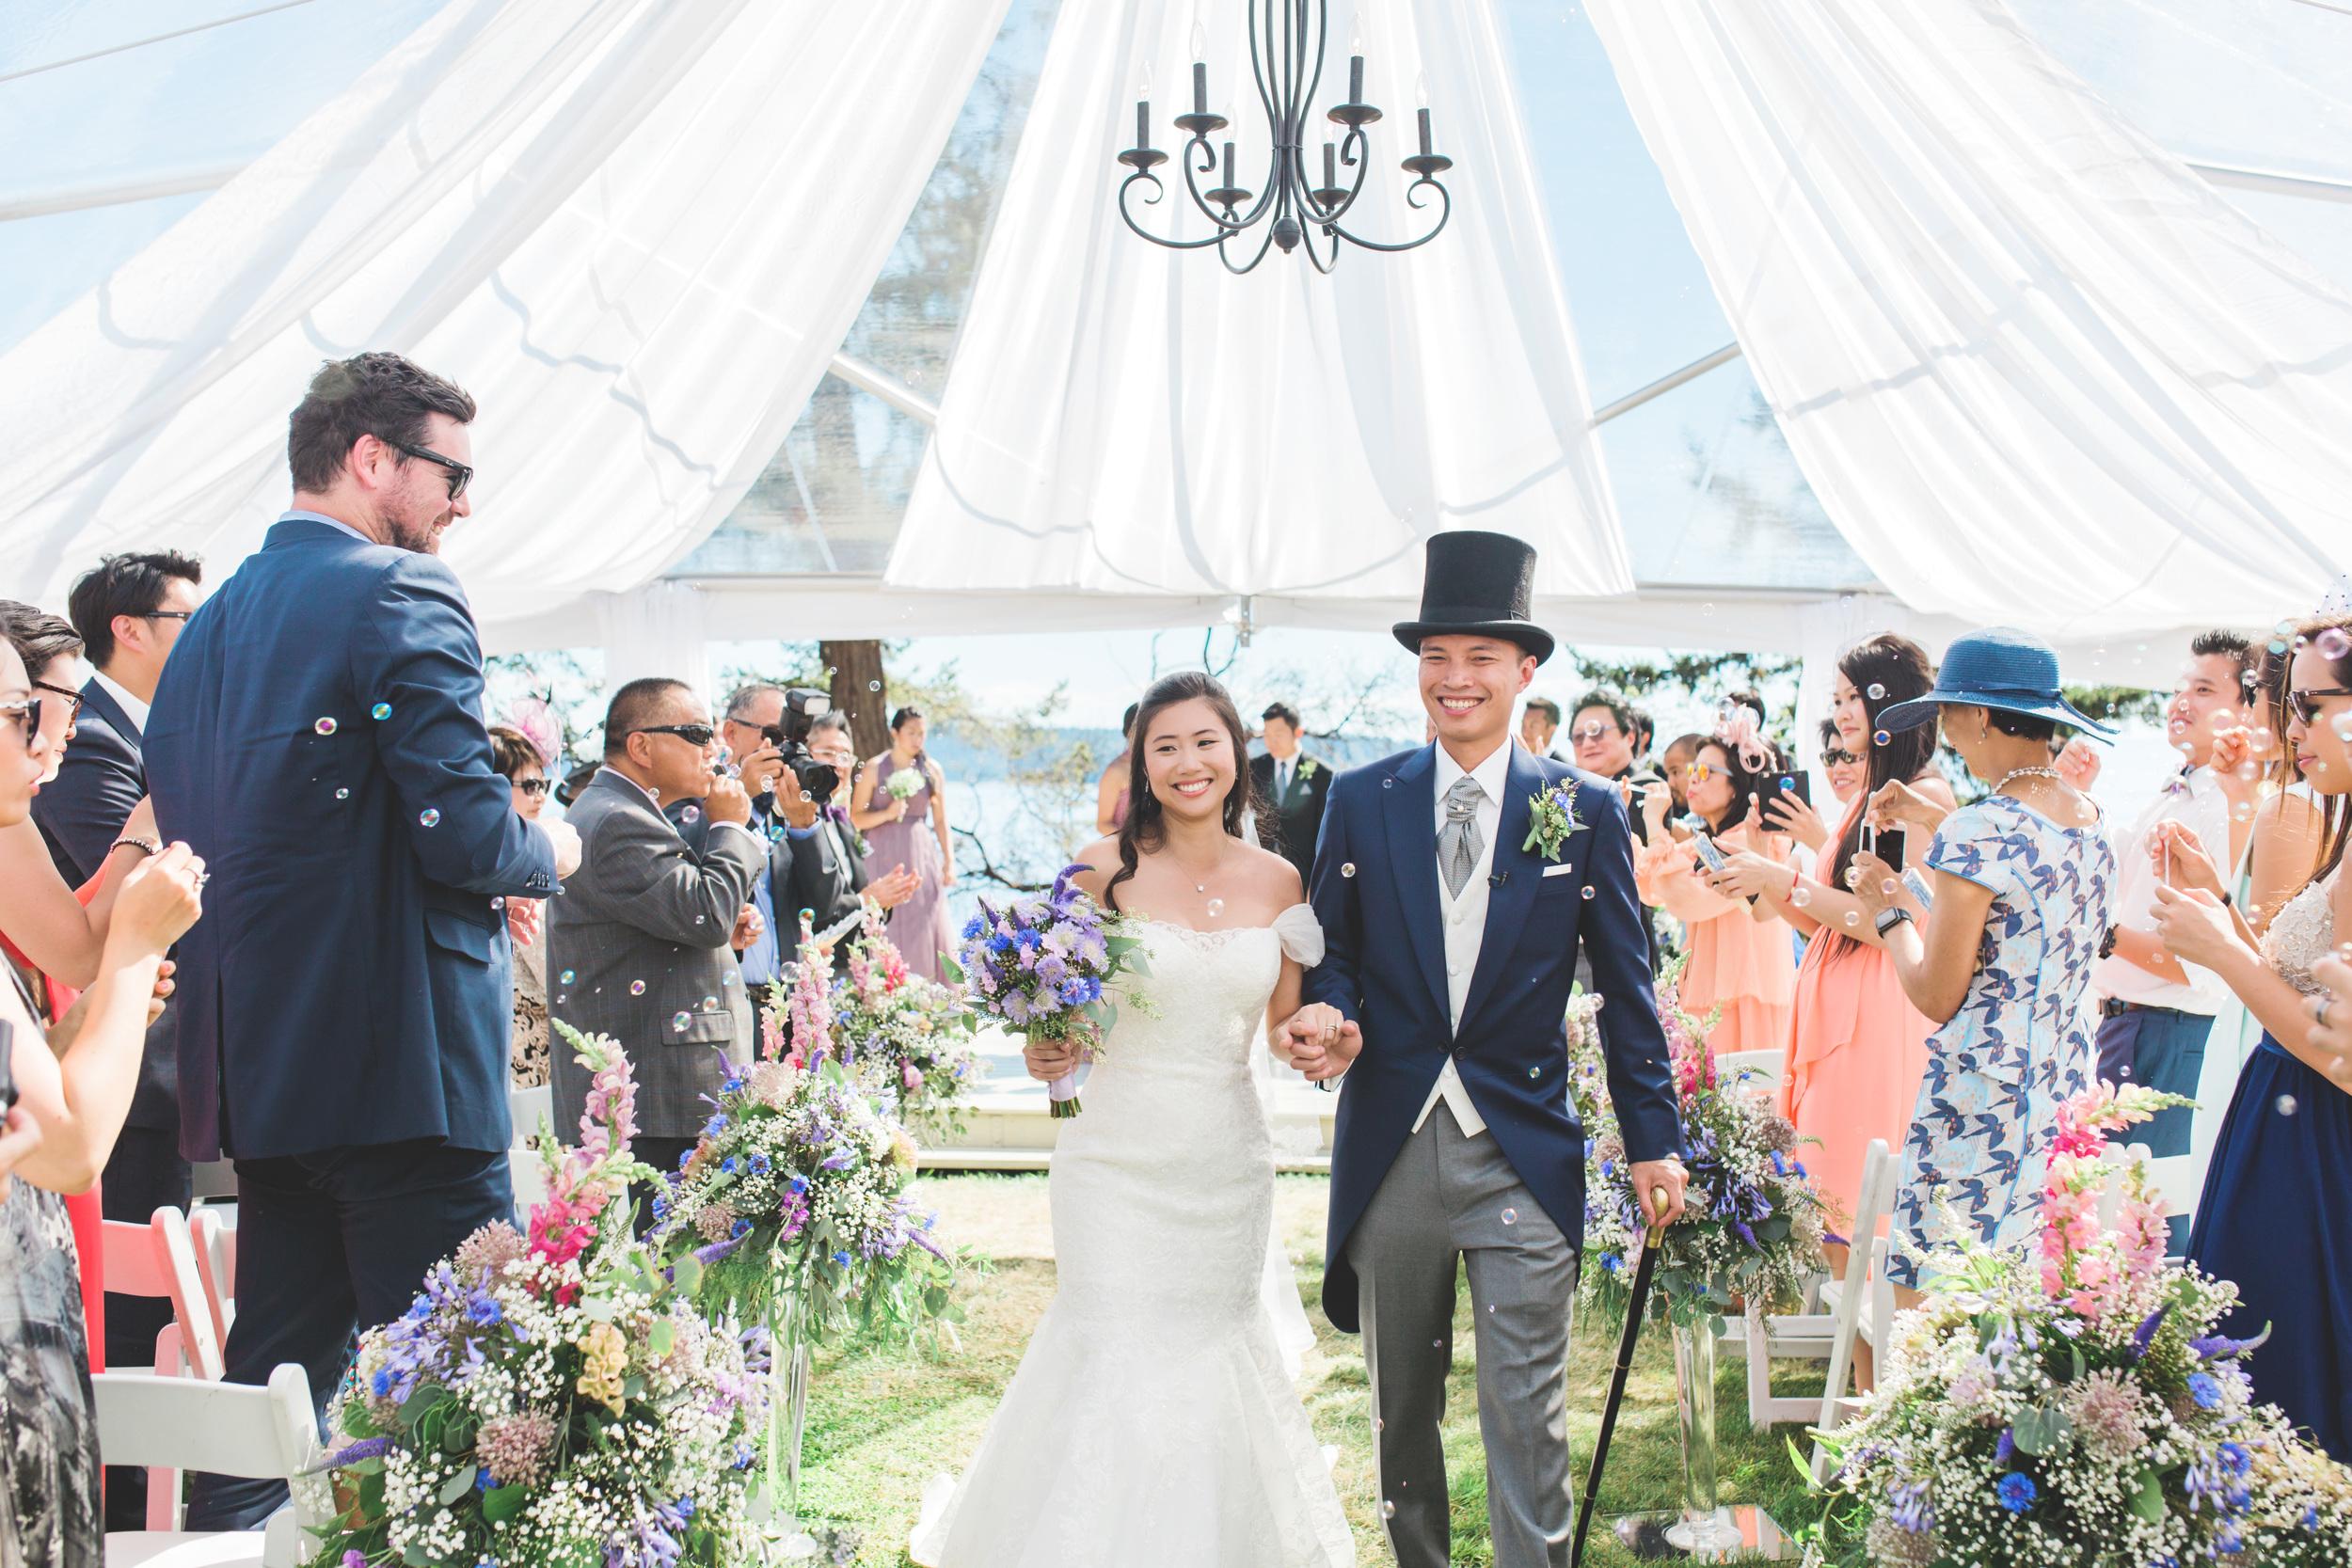 sunshine coast wedding photographer, rockwater secret cove wedding photographer, jennifer picard photography